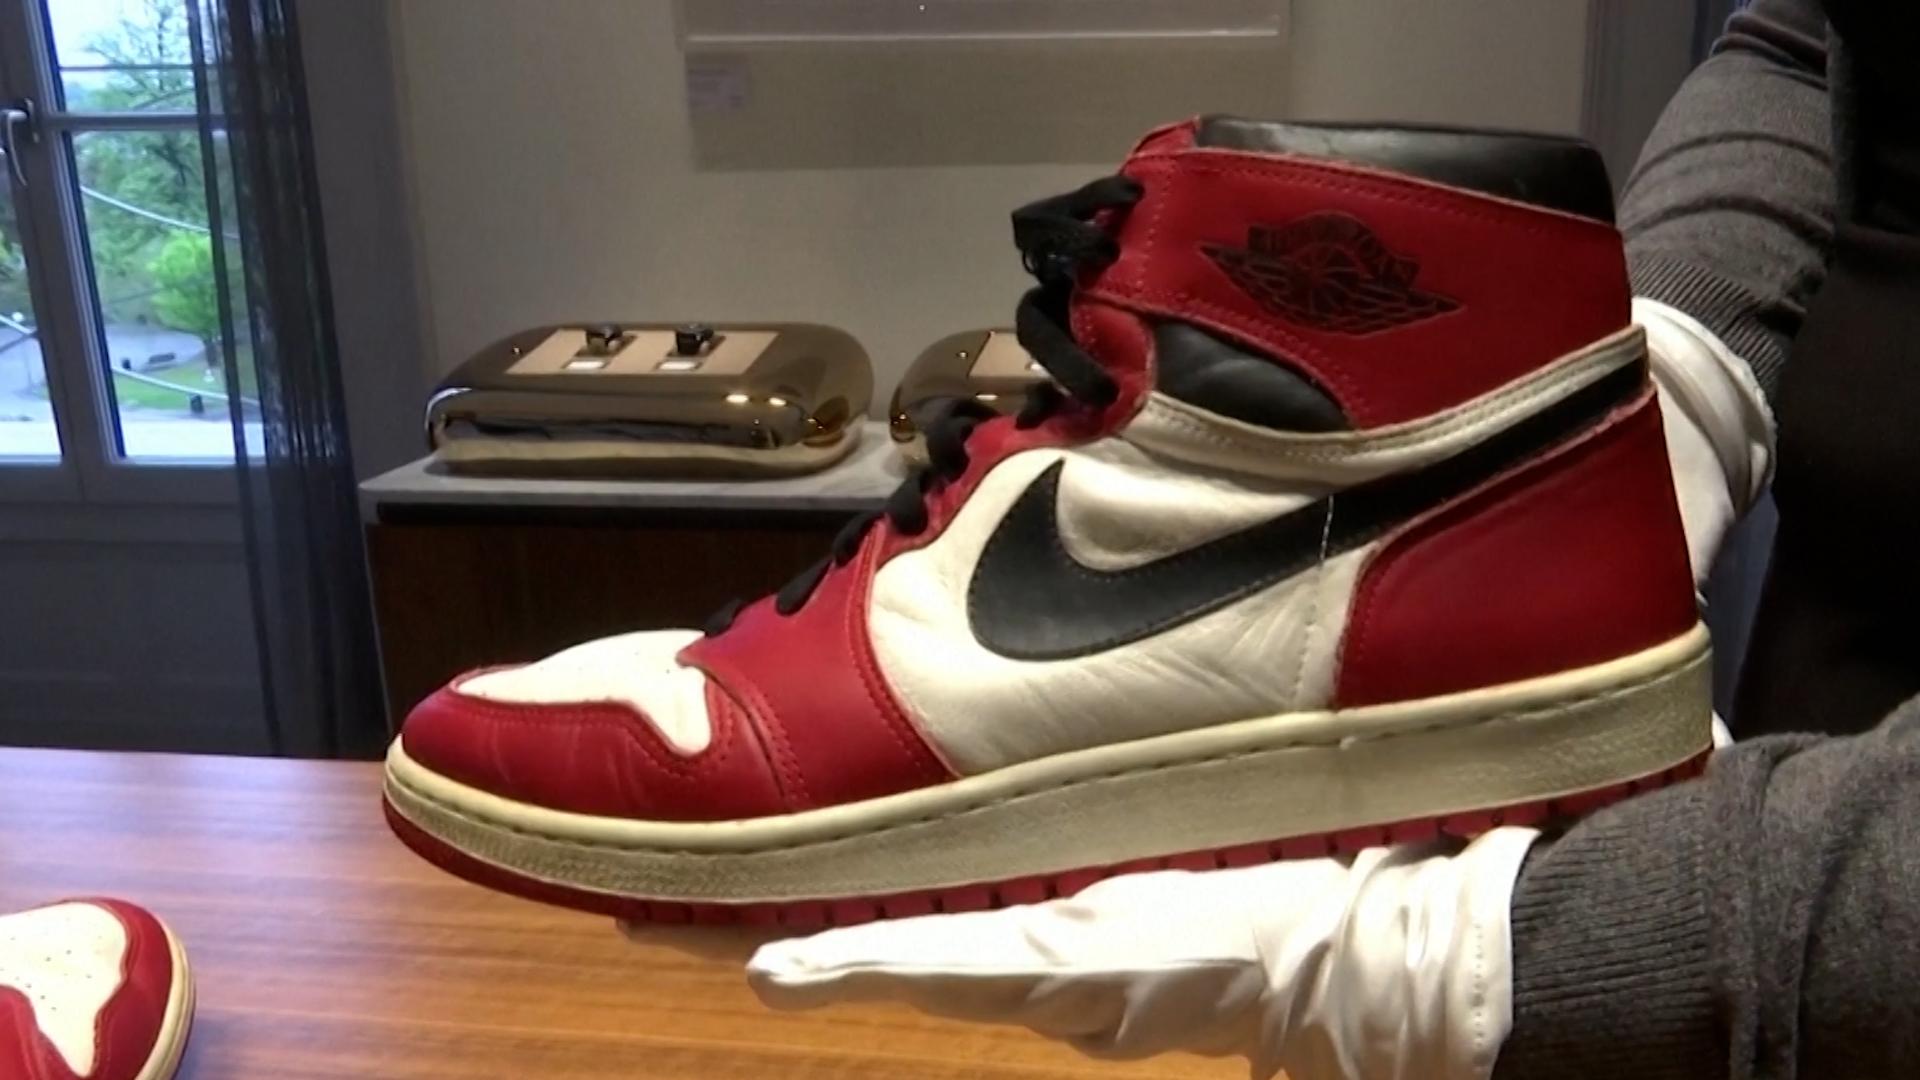 Enchères : 152500 dollars pour les baskets portées par Michael Jordan à ses débuts en NBA